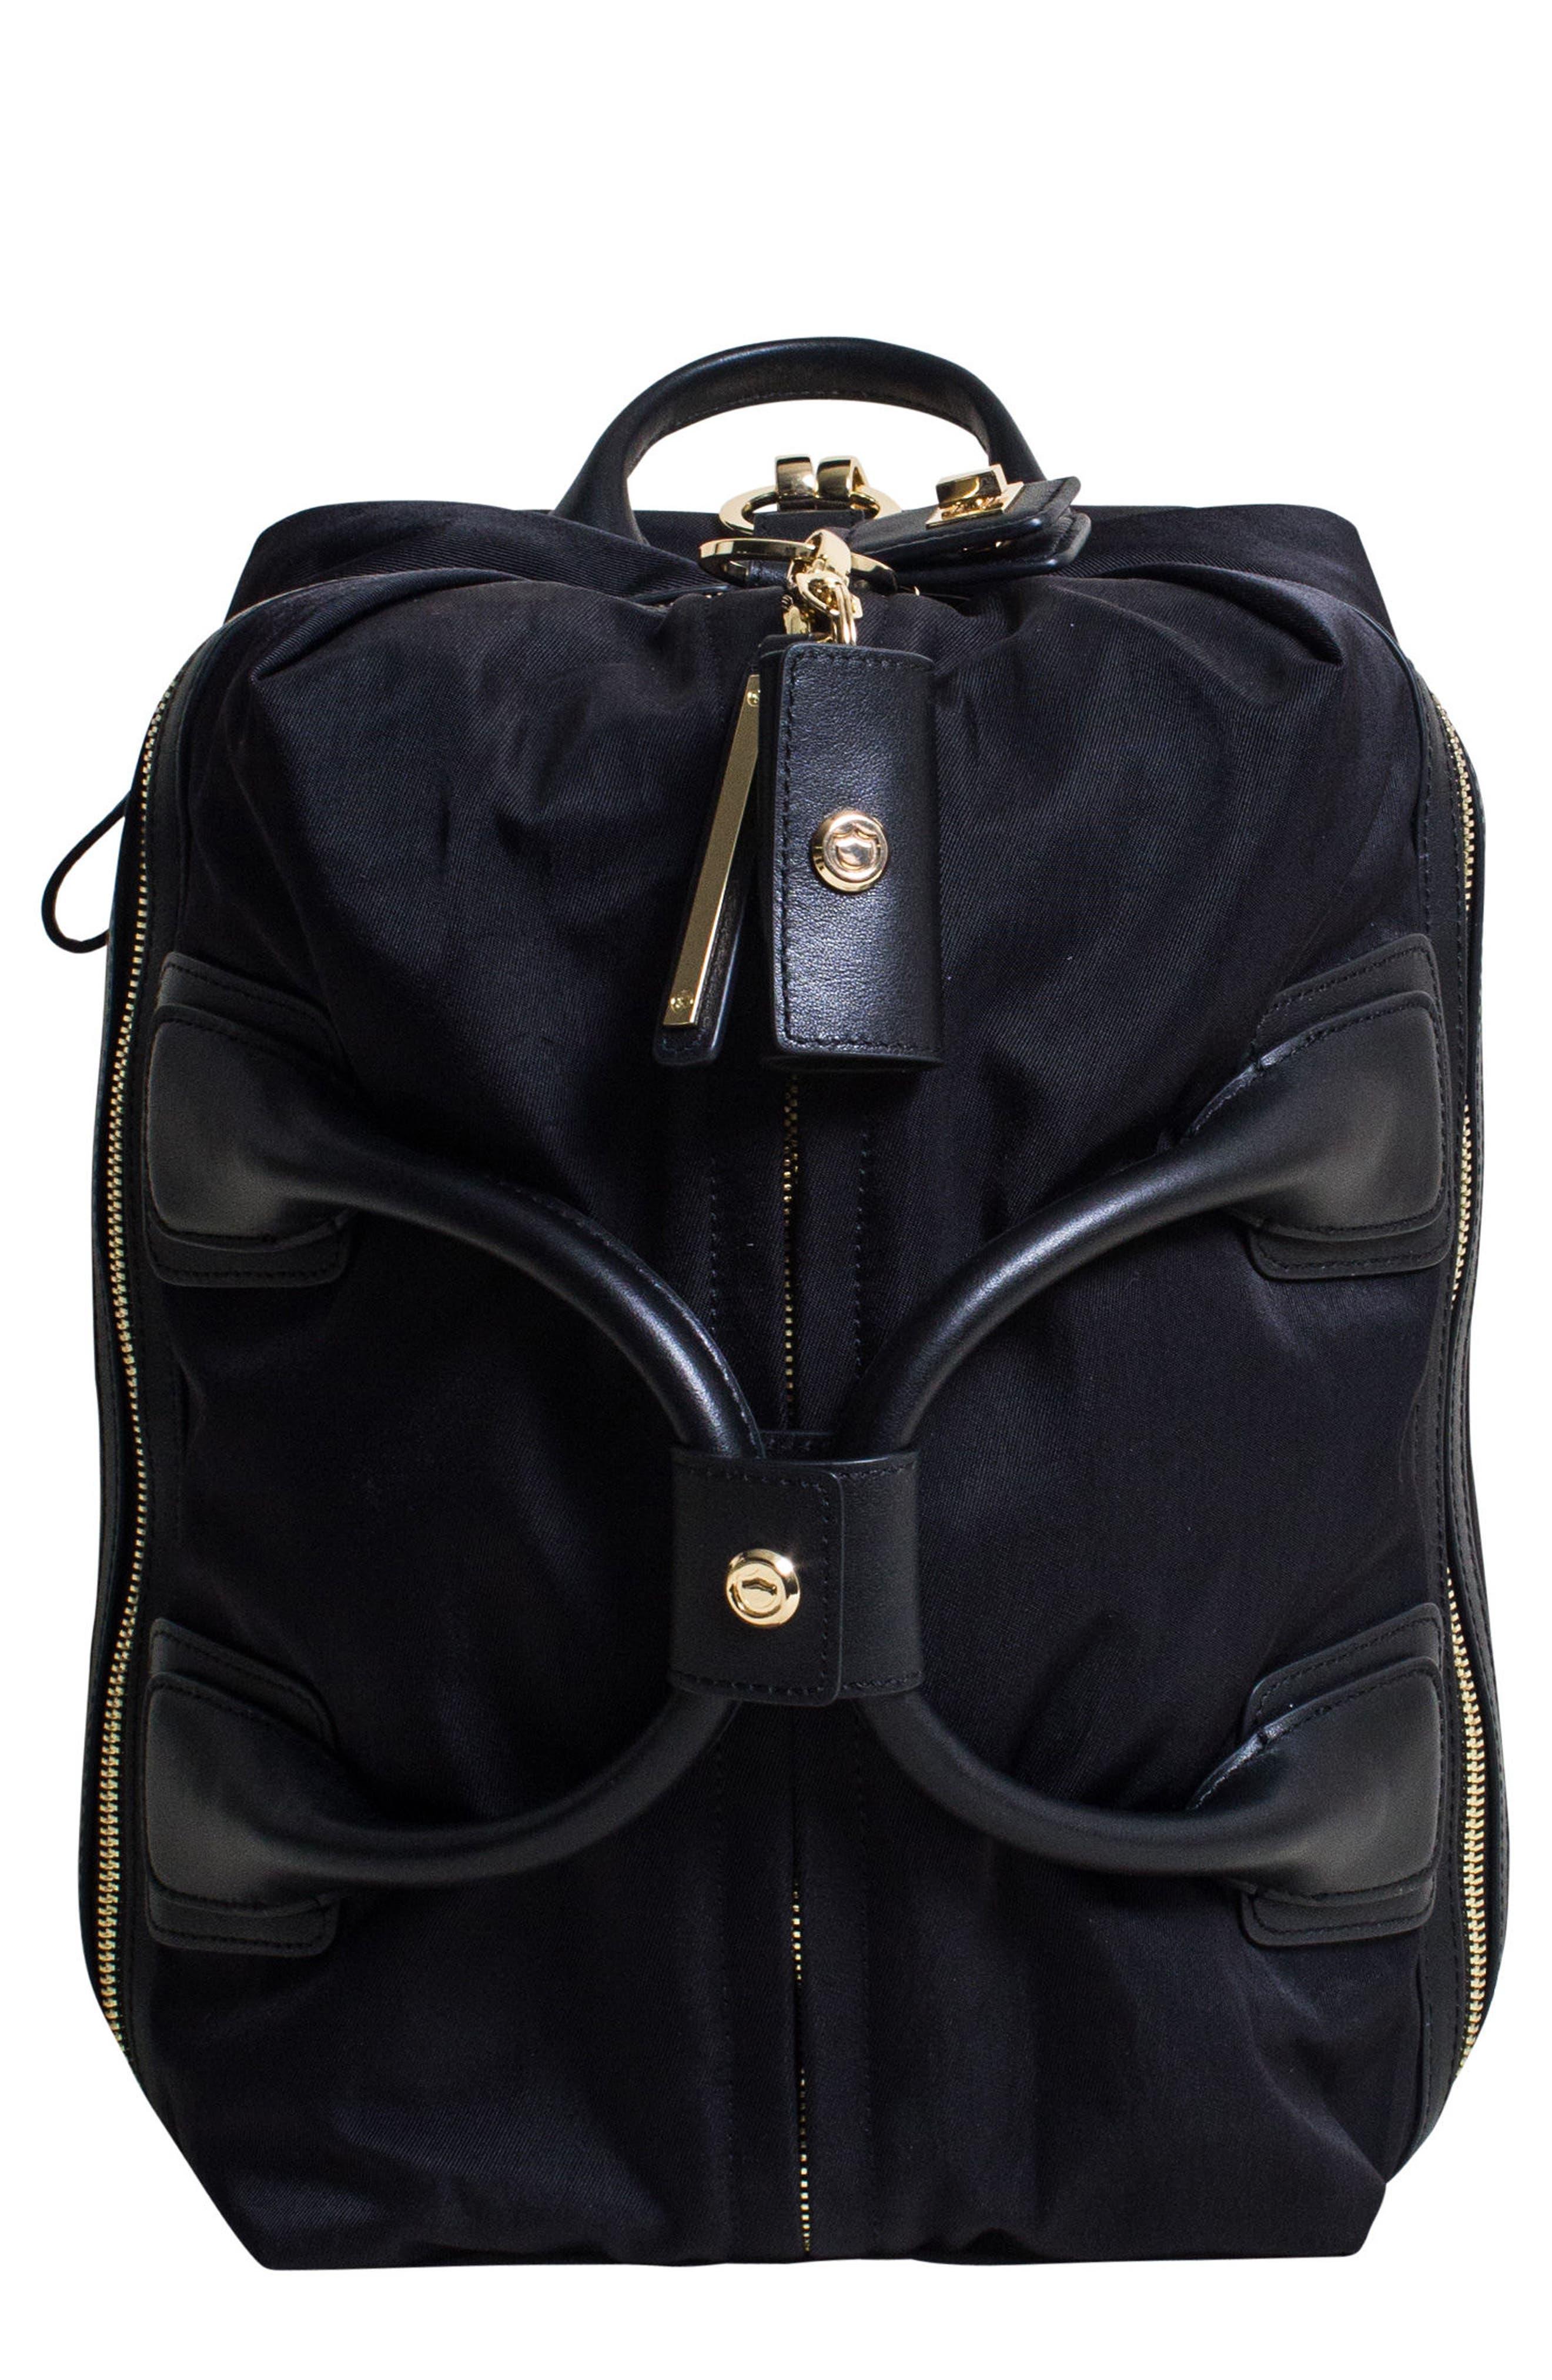 Studio Duffel Backpack,                         Main,                         color, Black